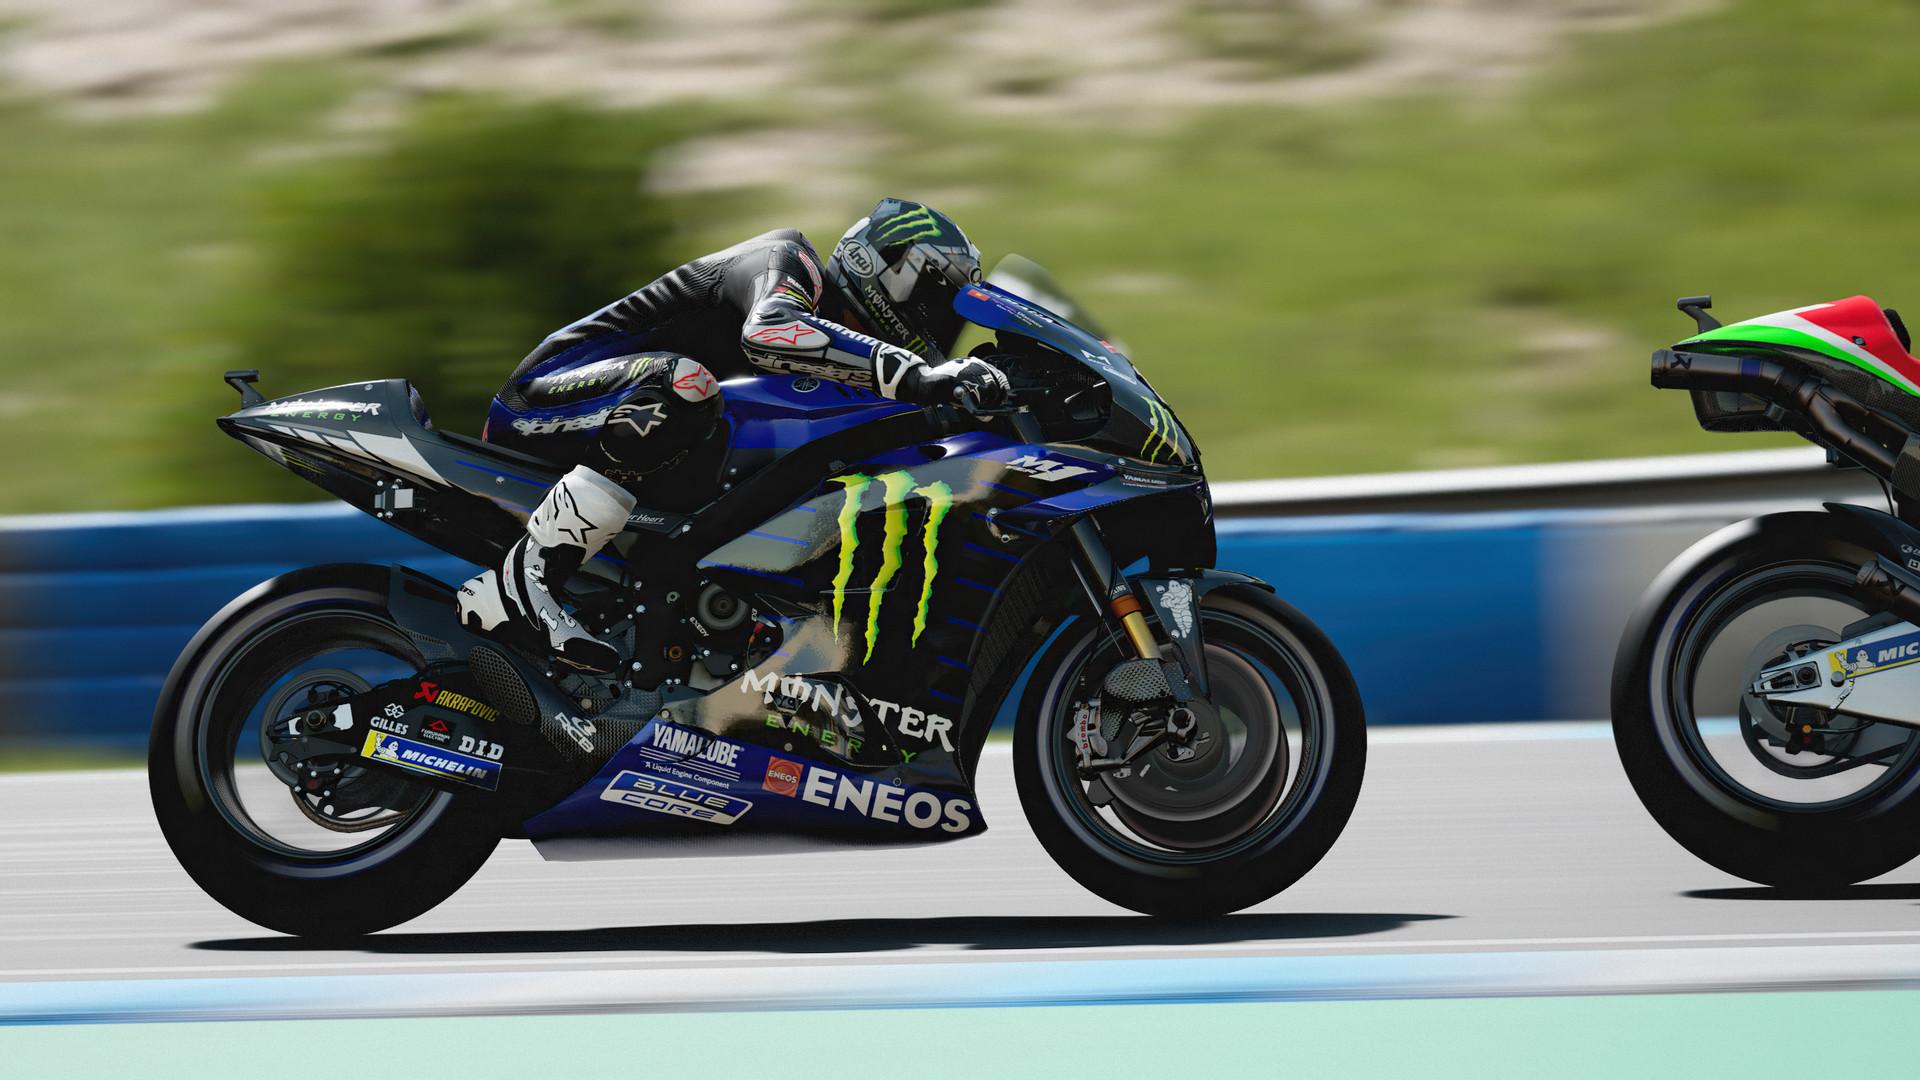 世界摩托大奖赛21/MotoGP21插图5